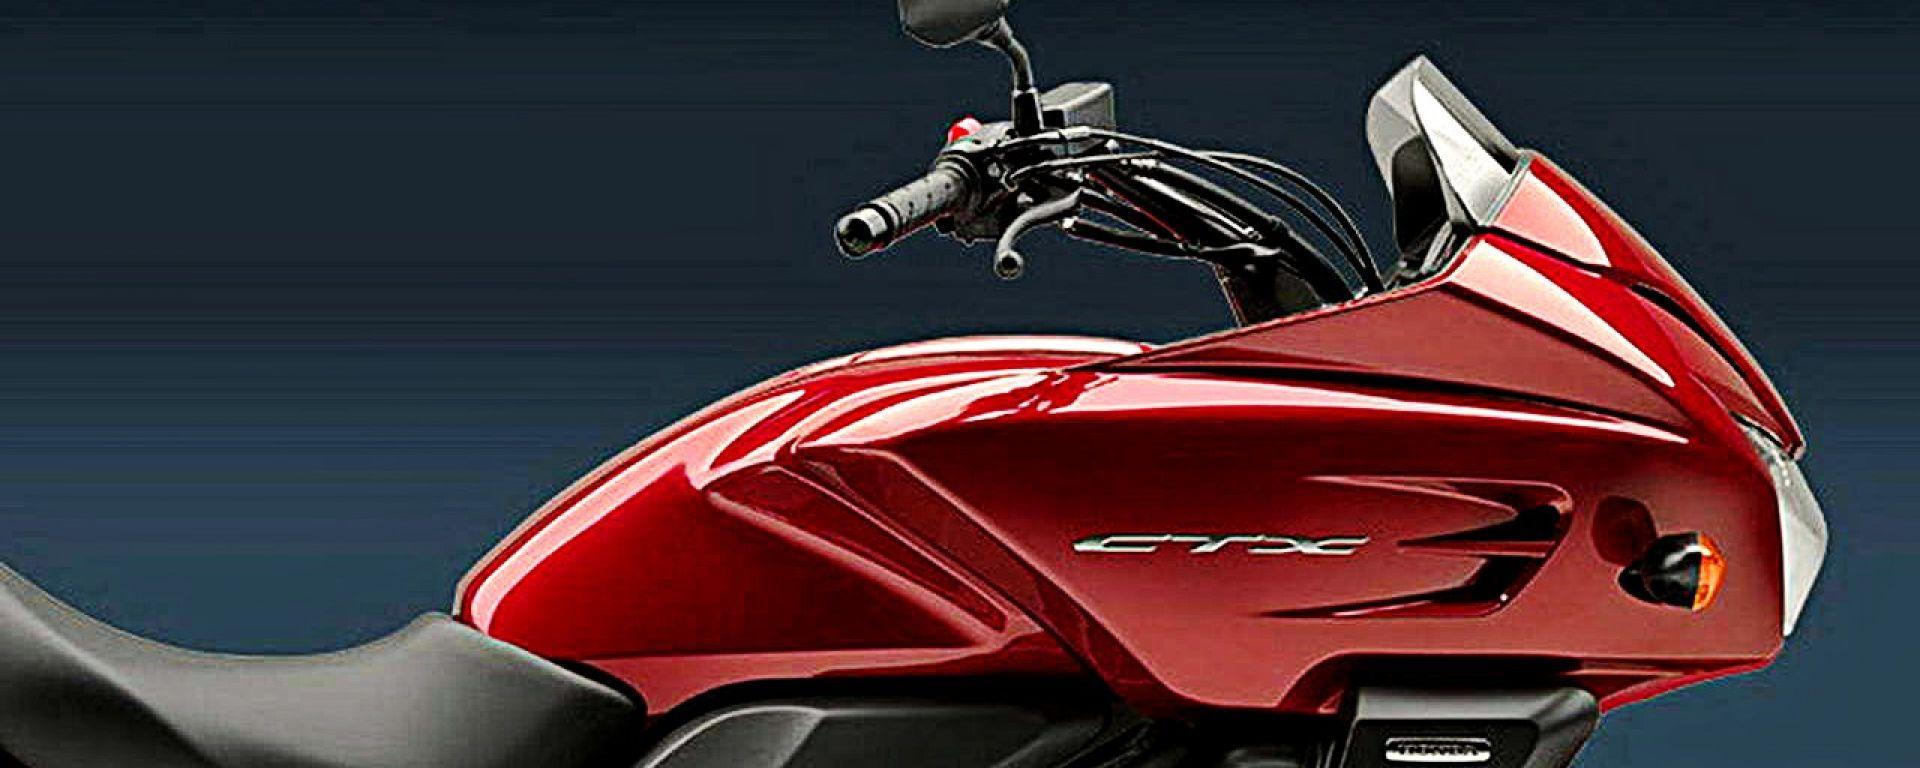 Honda CTX700 e CTX700N